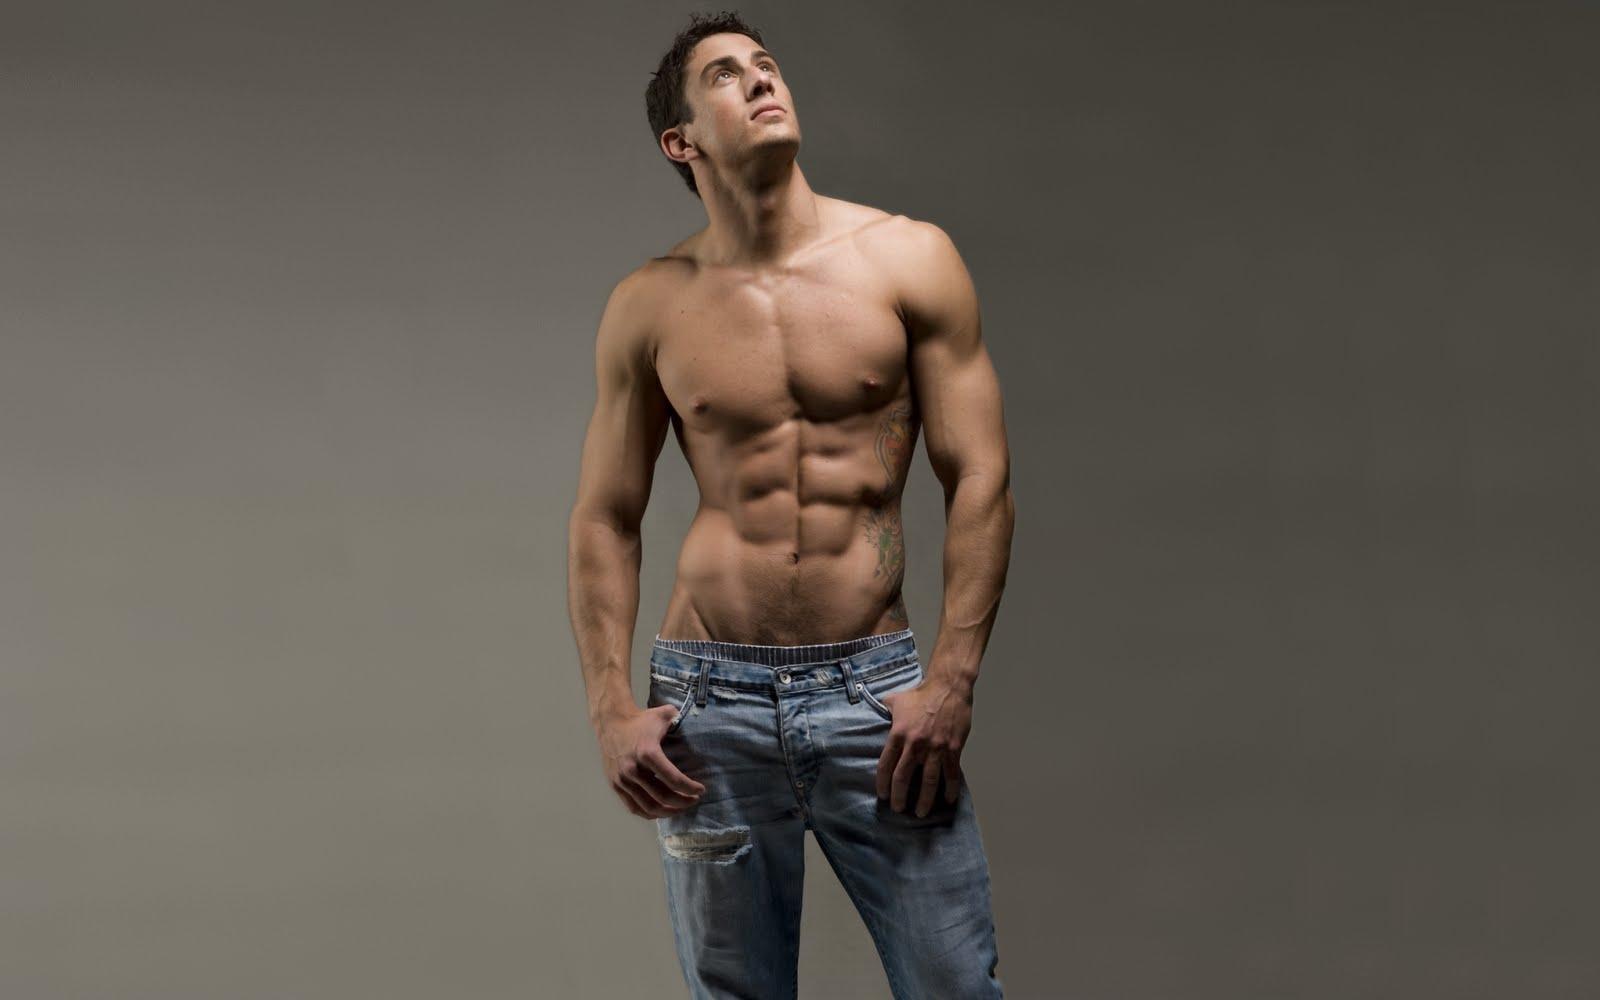 Hot Men Wallpapers